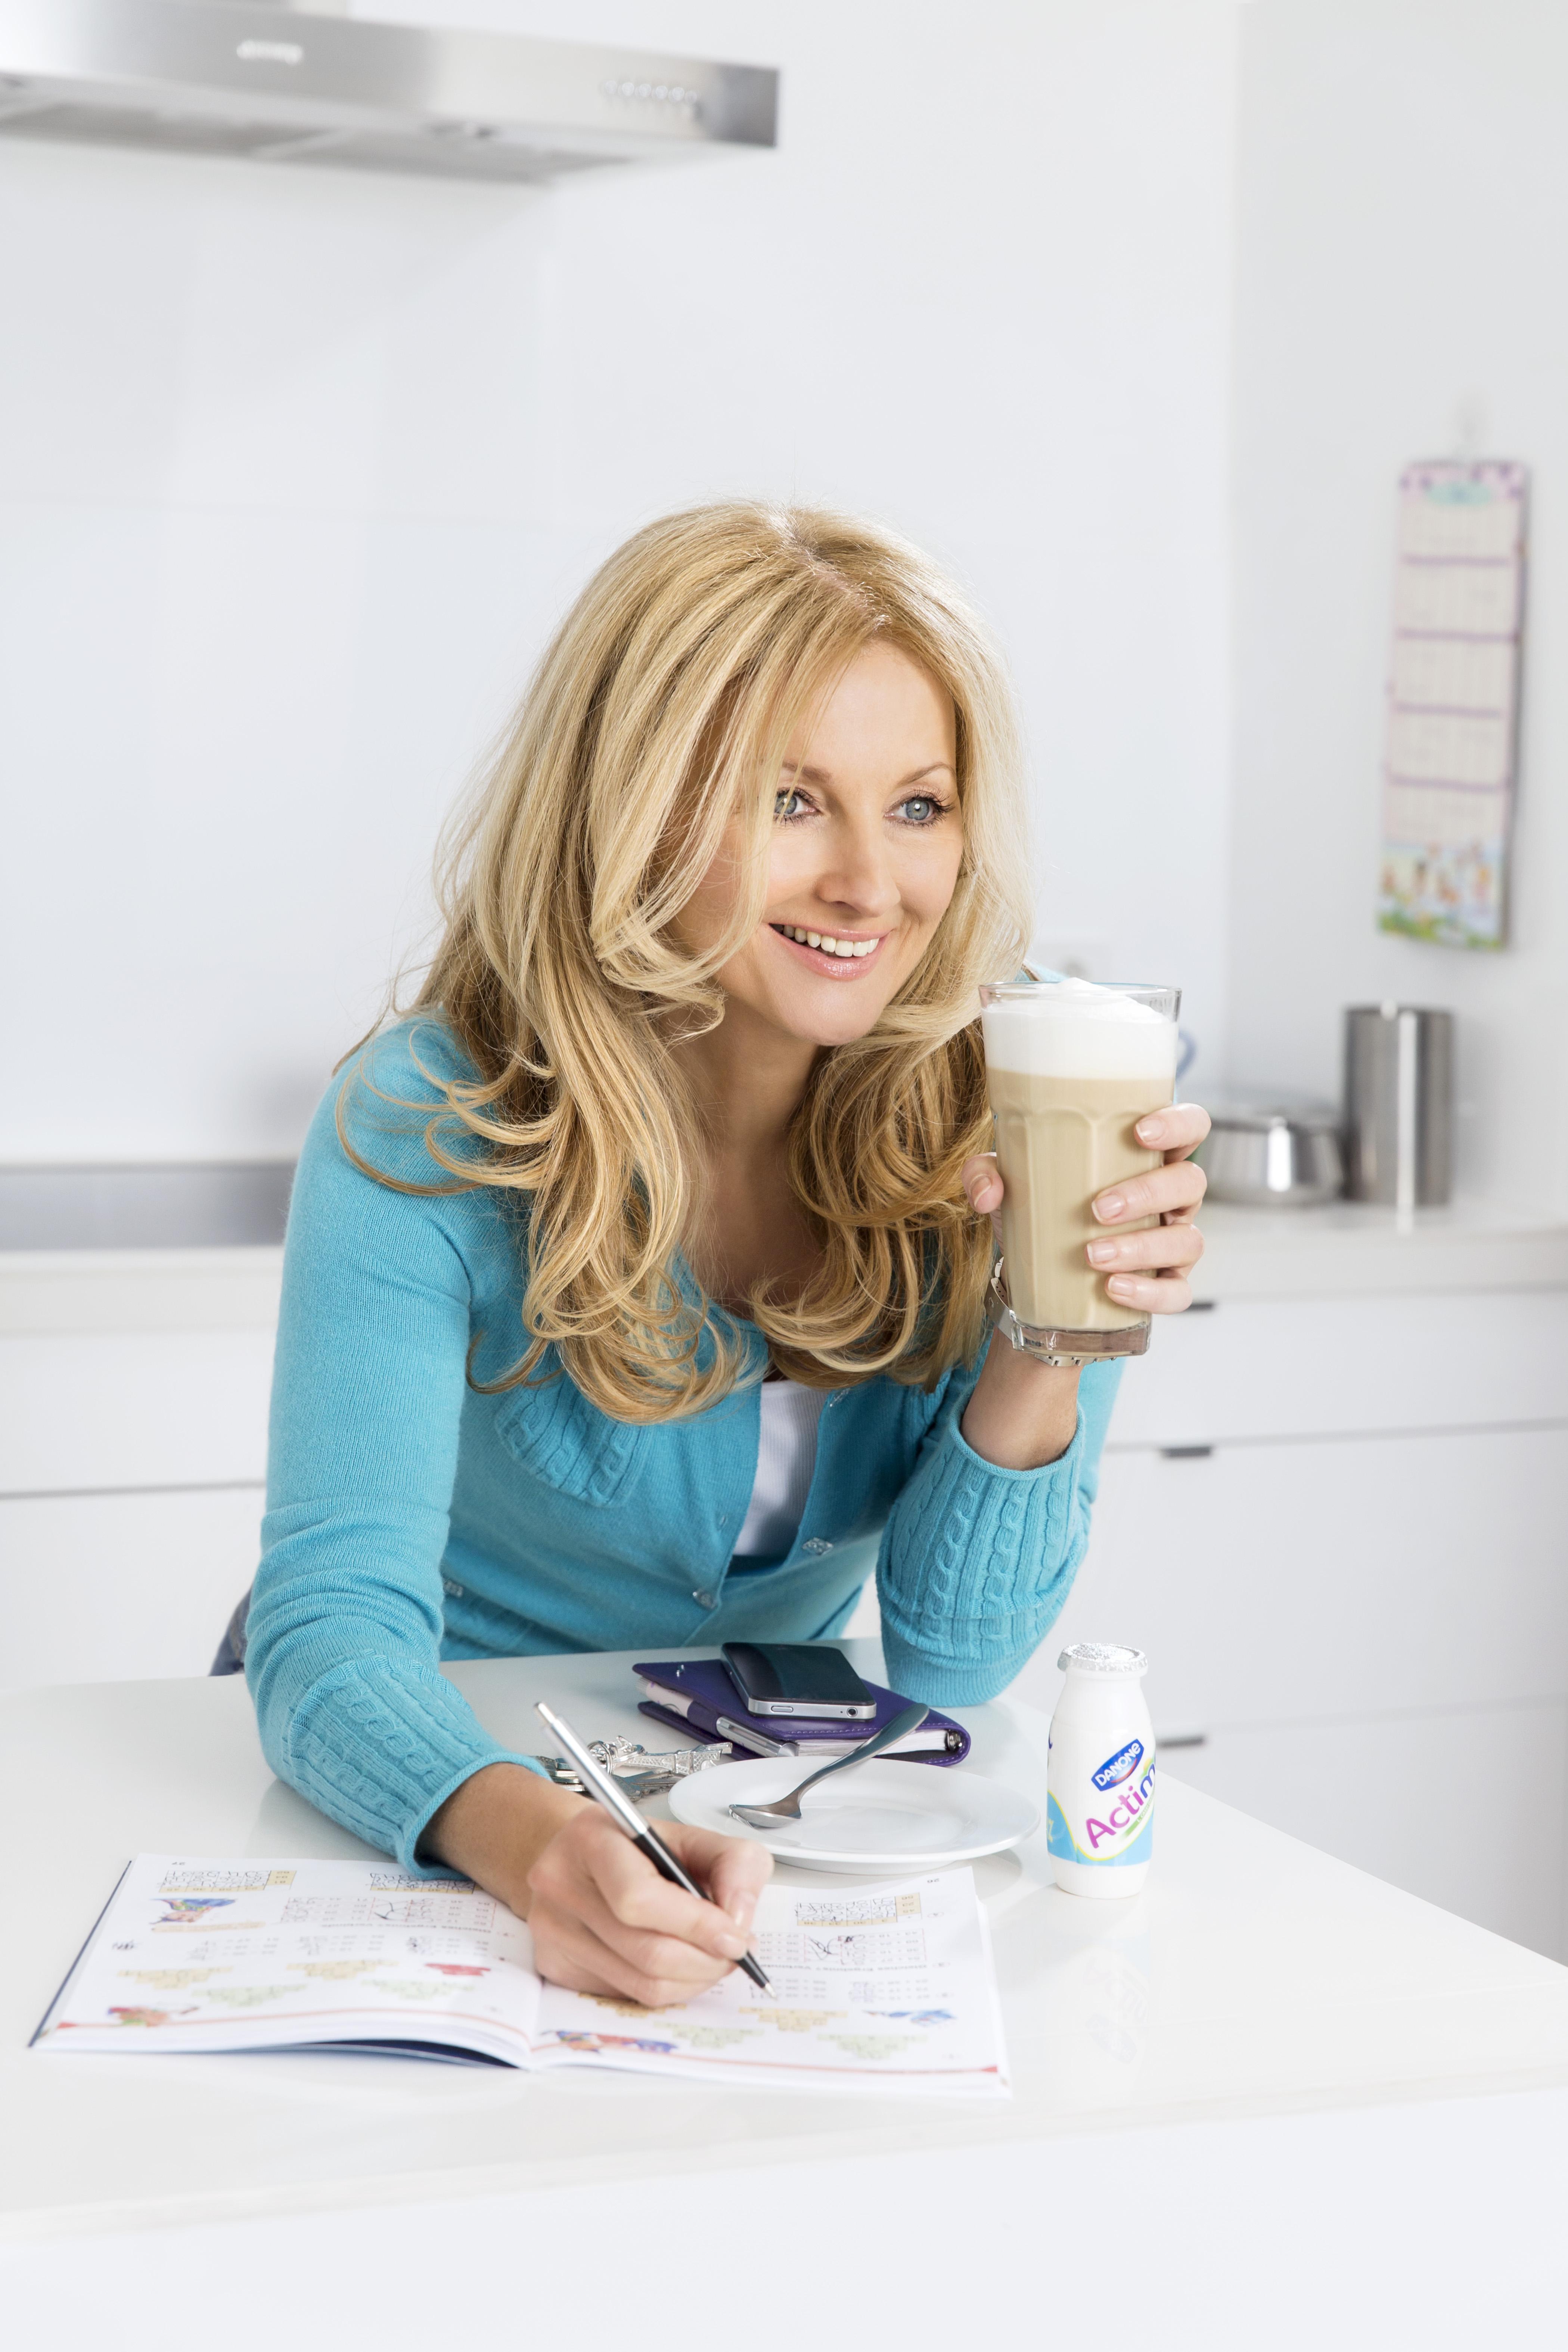 Frauke Ludowig ist berufstätige Mutter und rät dazu, sich von der Perfektion zu verabschieden (Foto: Danone)